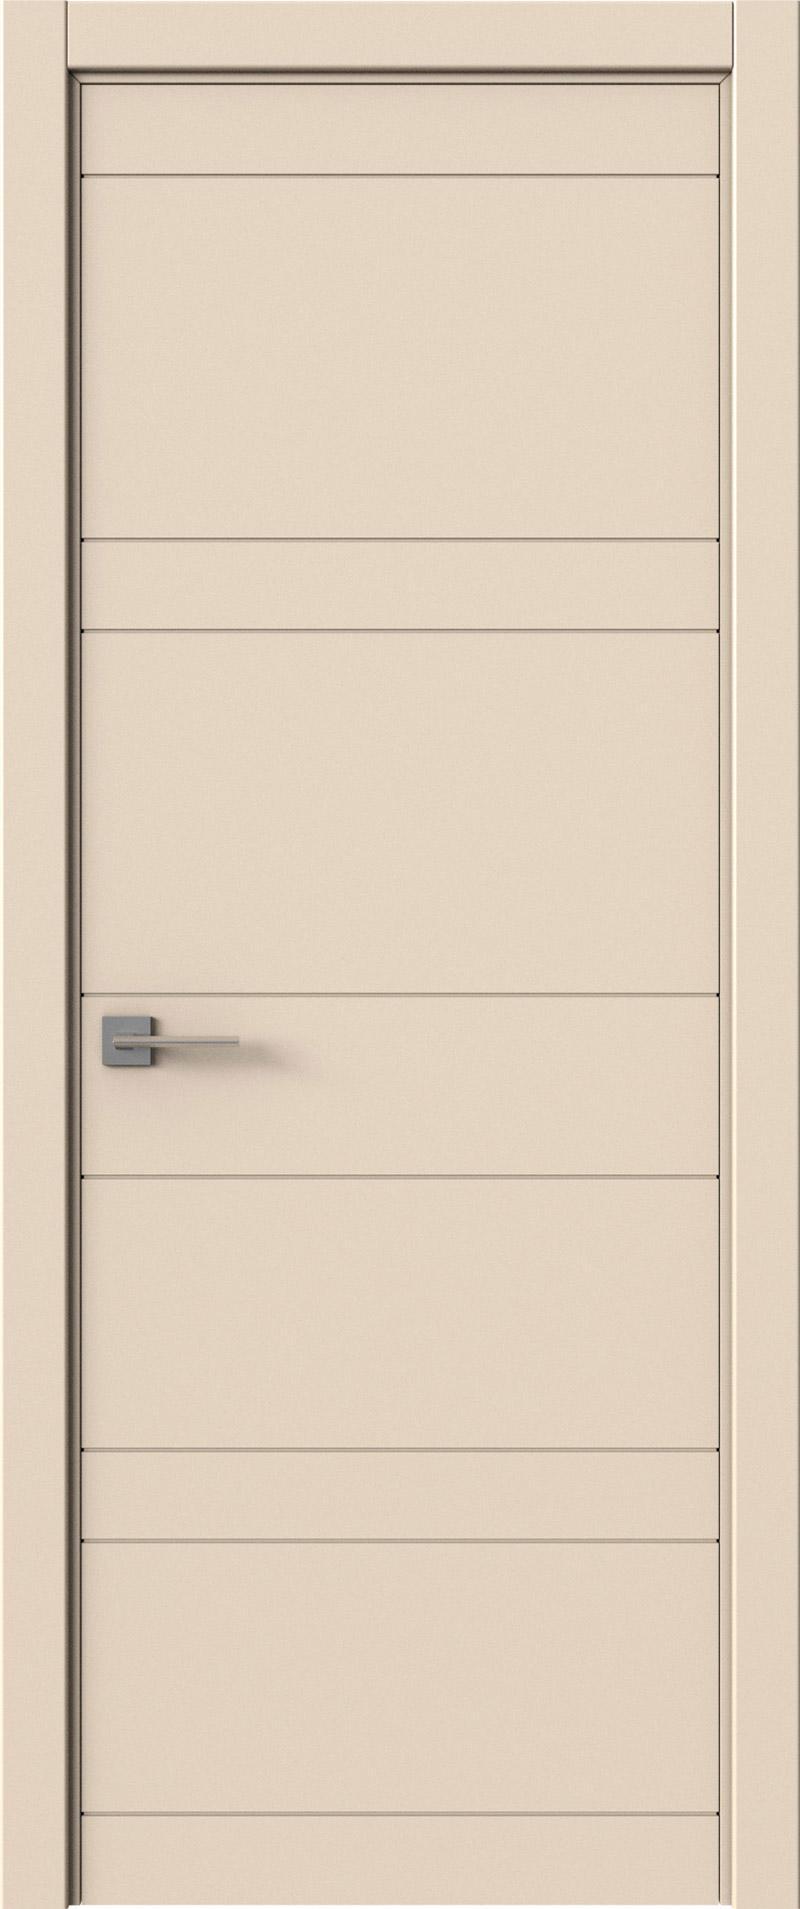 Tivoli Е-2 цвет - Жемчужная эмаль (RAL 1013) Без стекла (ДГ)